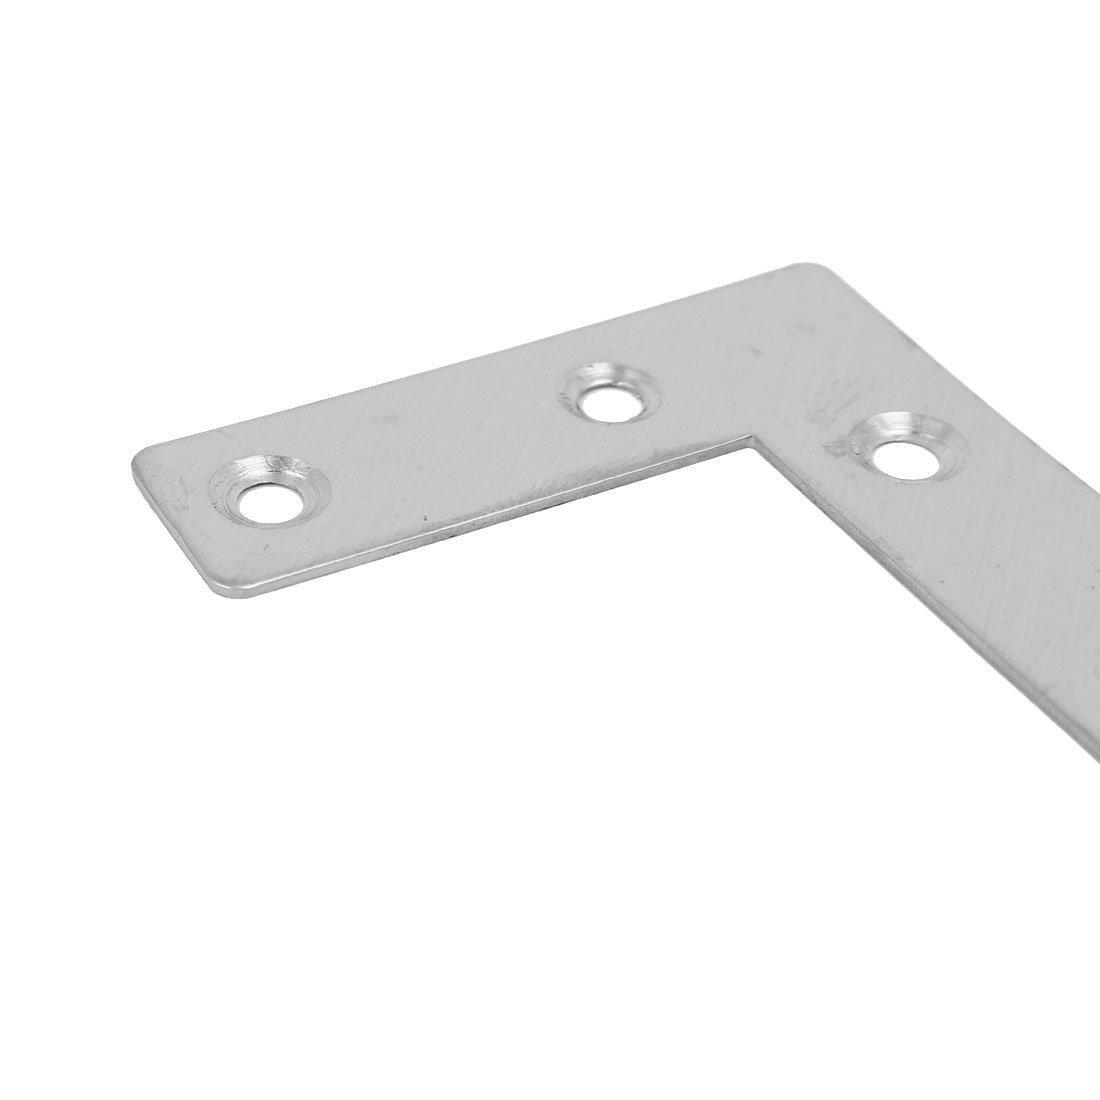 sourcing map 50mmx50mm acciaio inossidabile Elemento di fissaggio giunto Staffa angolare piatta forma L piastra 4pz